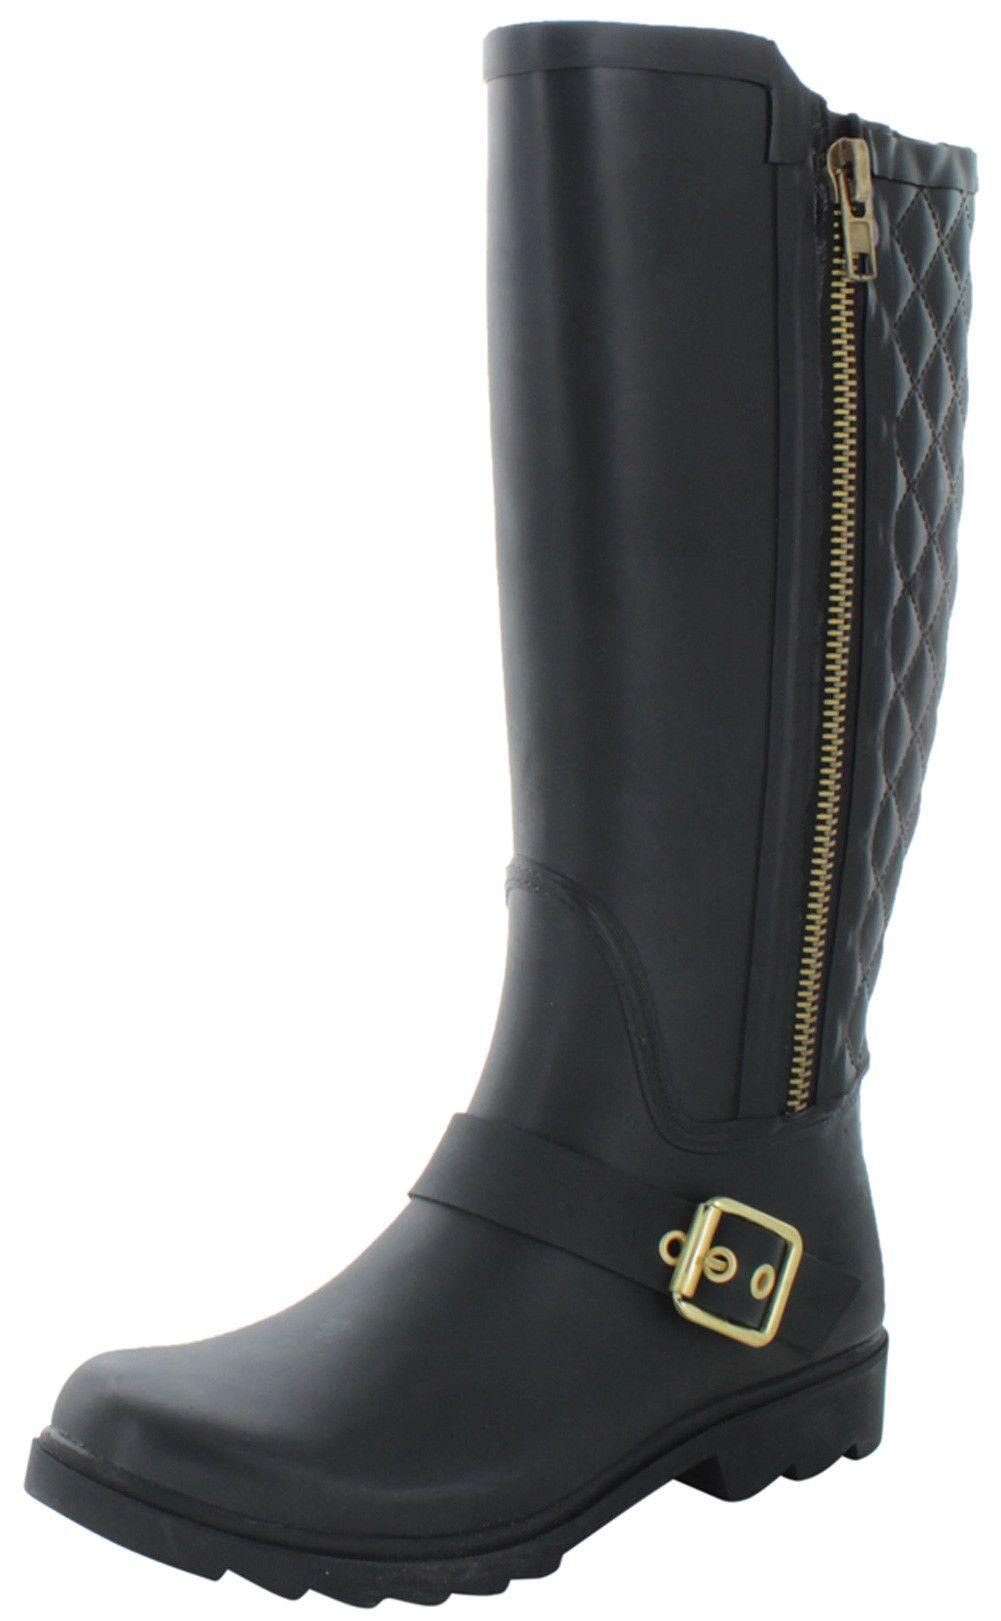 c8671f3445d Steve Madden Northpol Women s Harness Tall Rain Boots